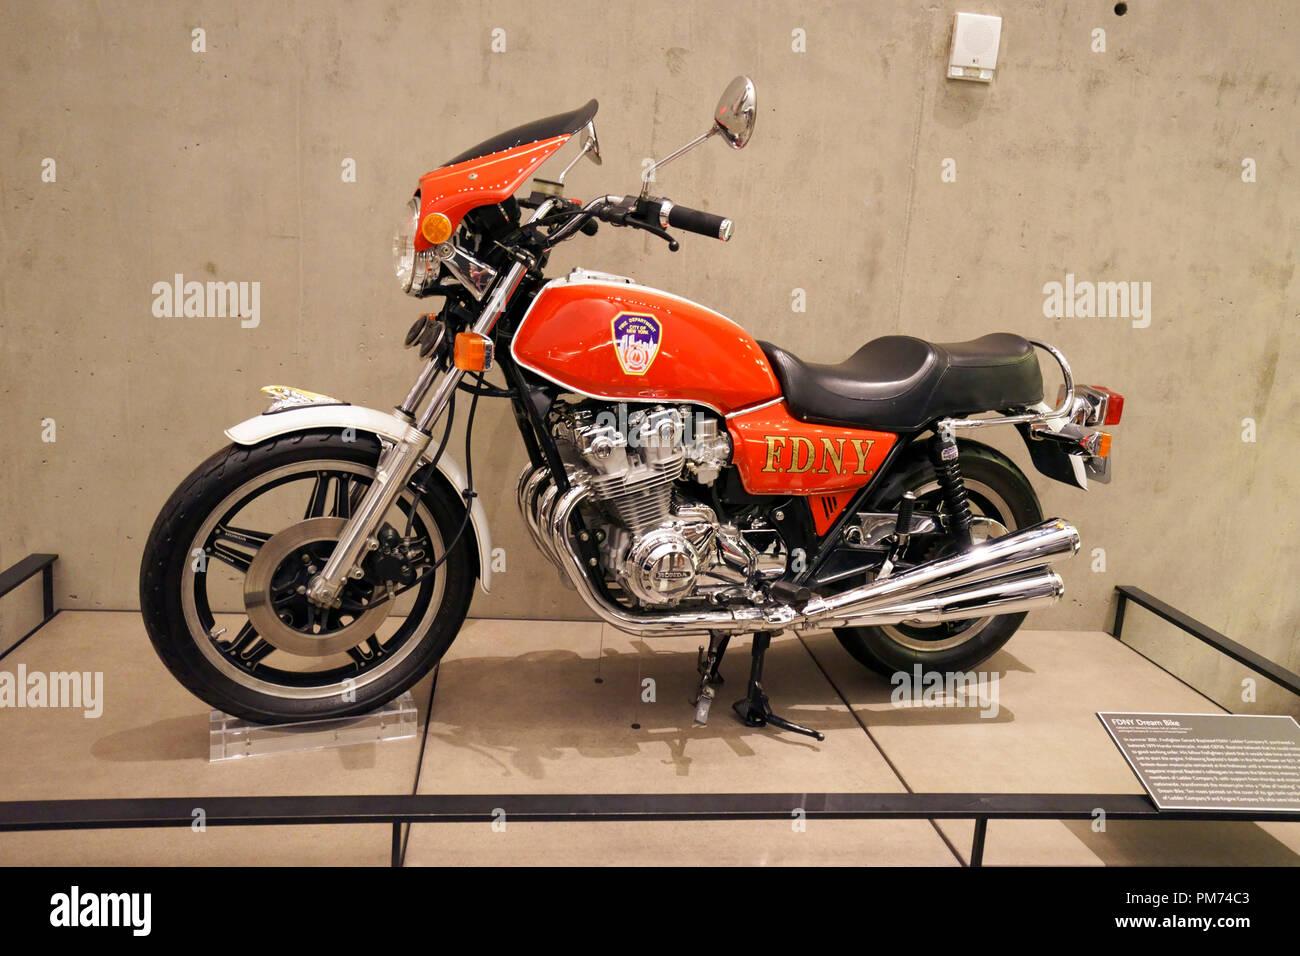 FDNY Traum Bike Anzeige in Nationalen 9/11 Memorial und Museum. New York City, USA. Stockbild